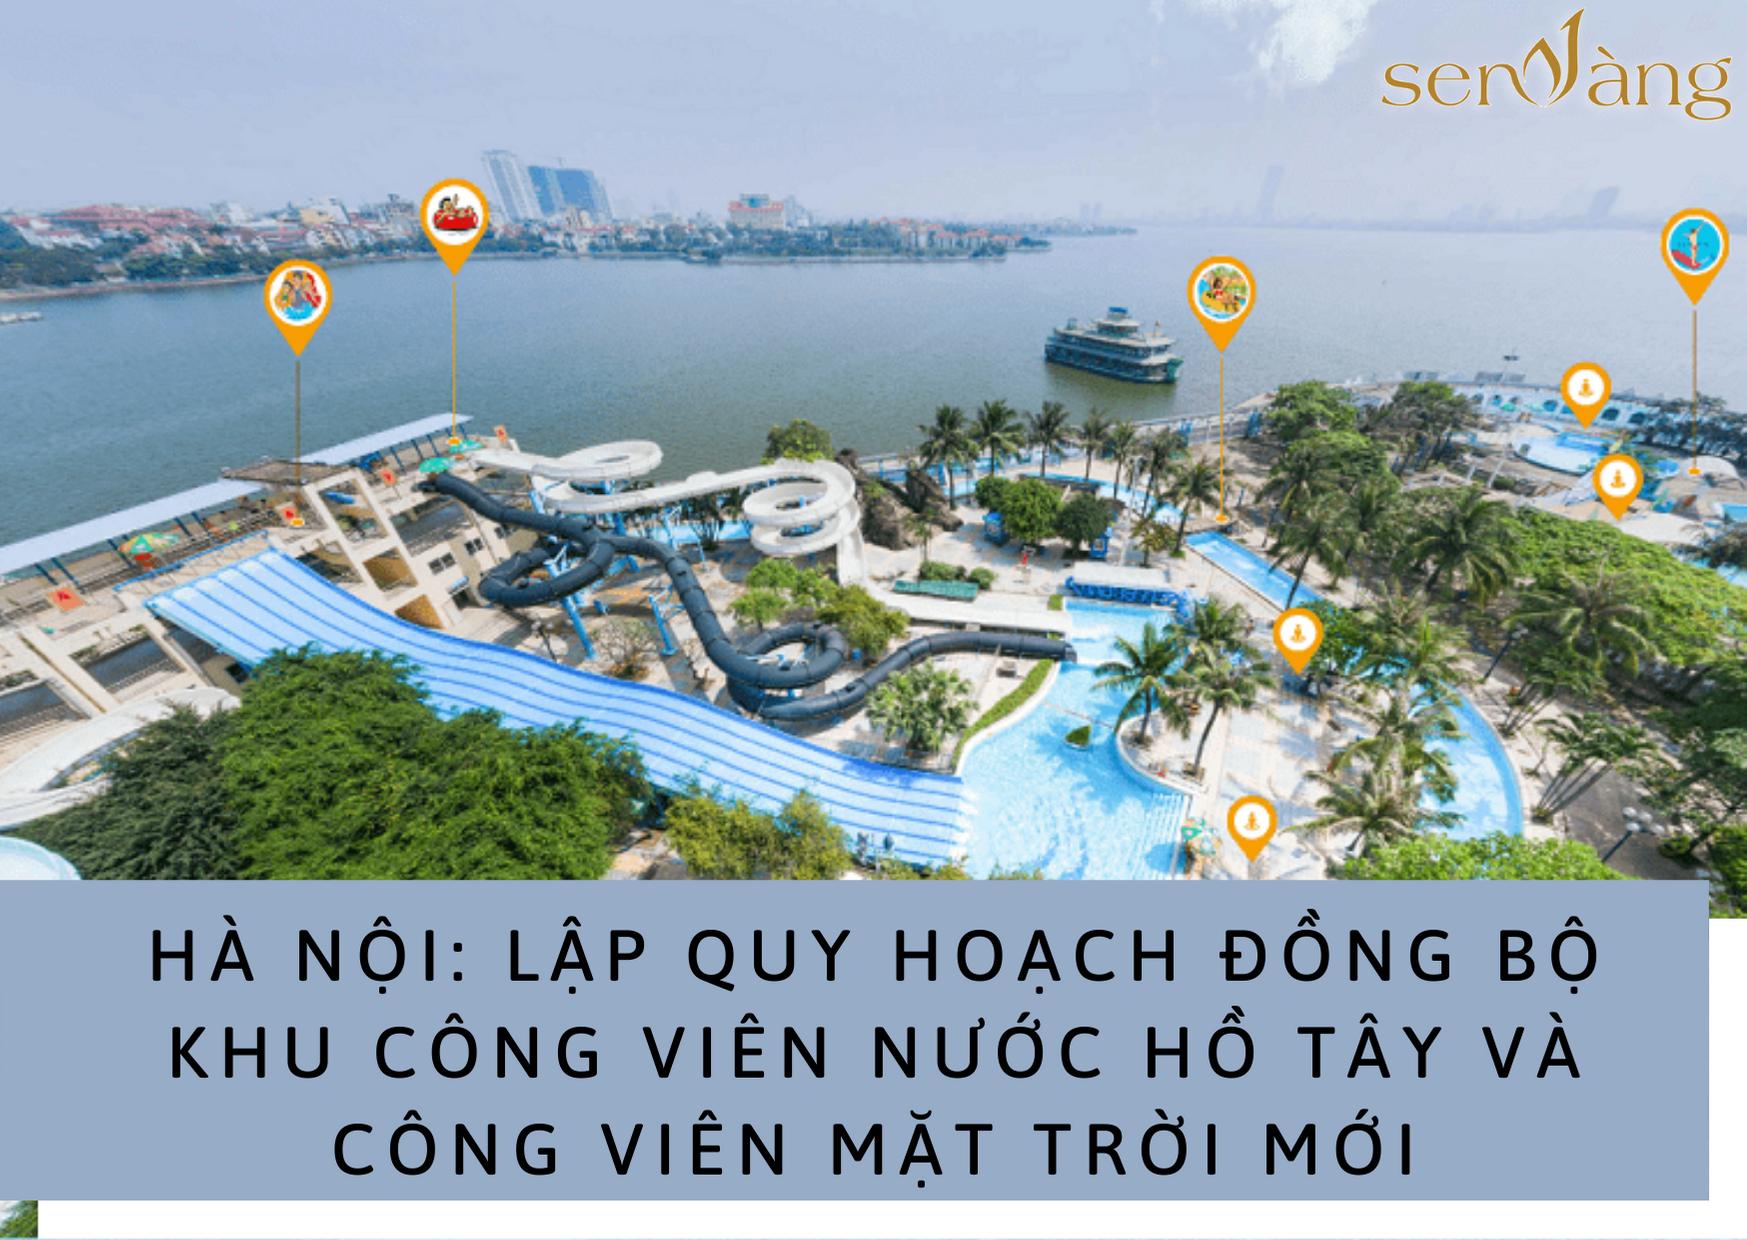 Hà Nội – Quy hoạch đồng bộ khu công viên nước Hồ Tây và công viên Mặt Trời Mới